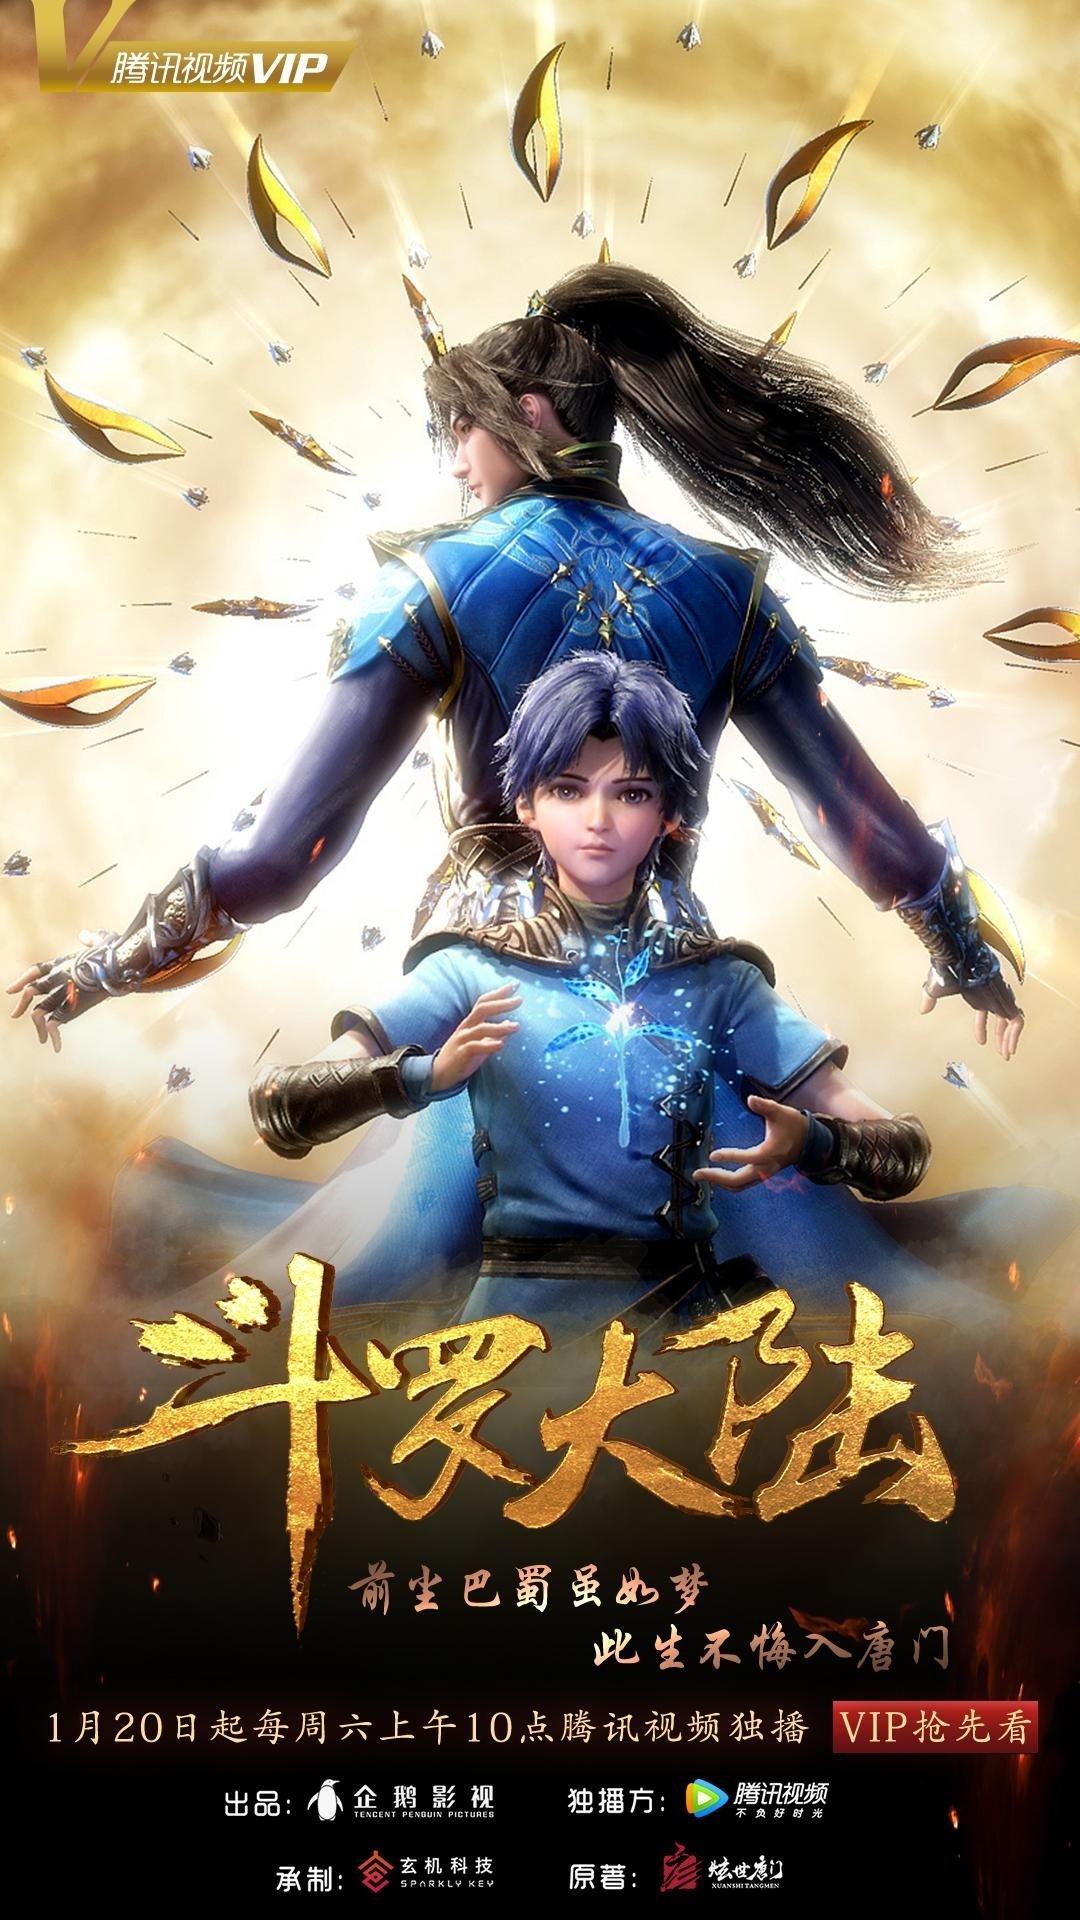 斗罗大陆第1季的海报